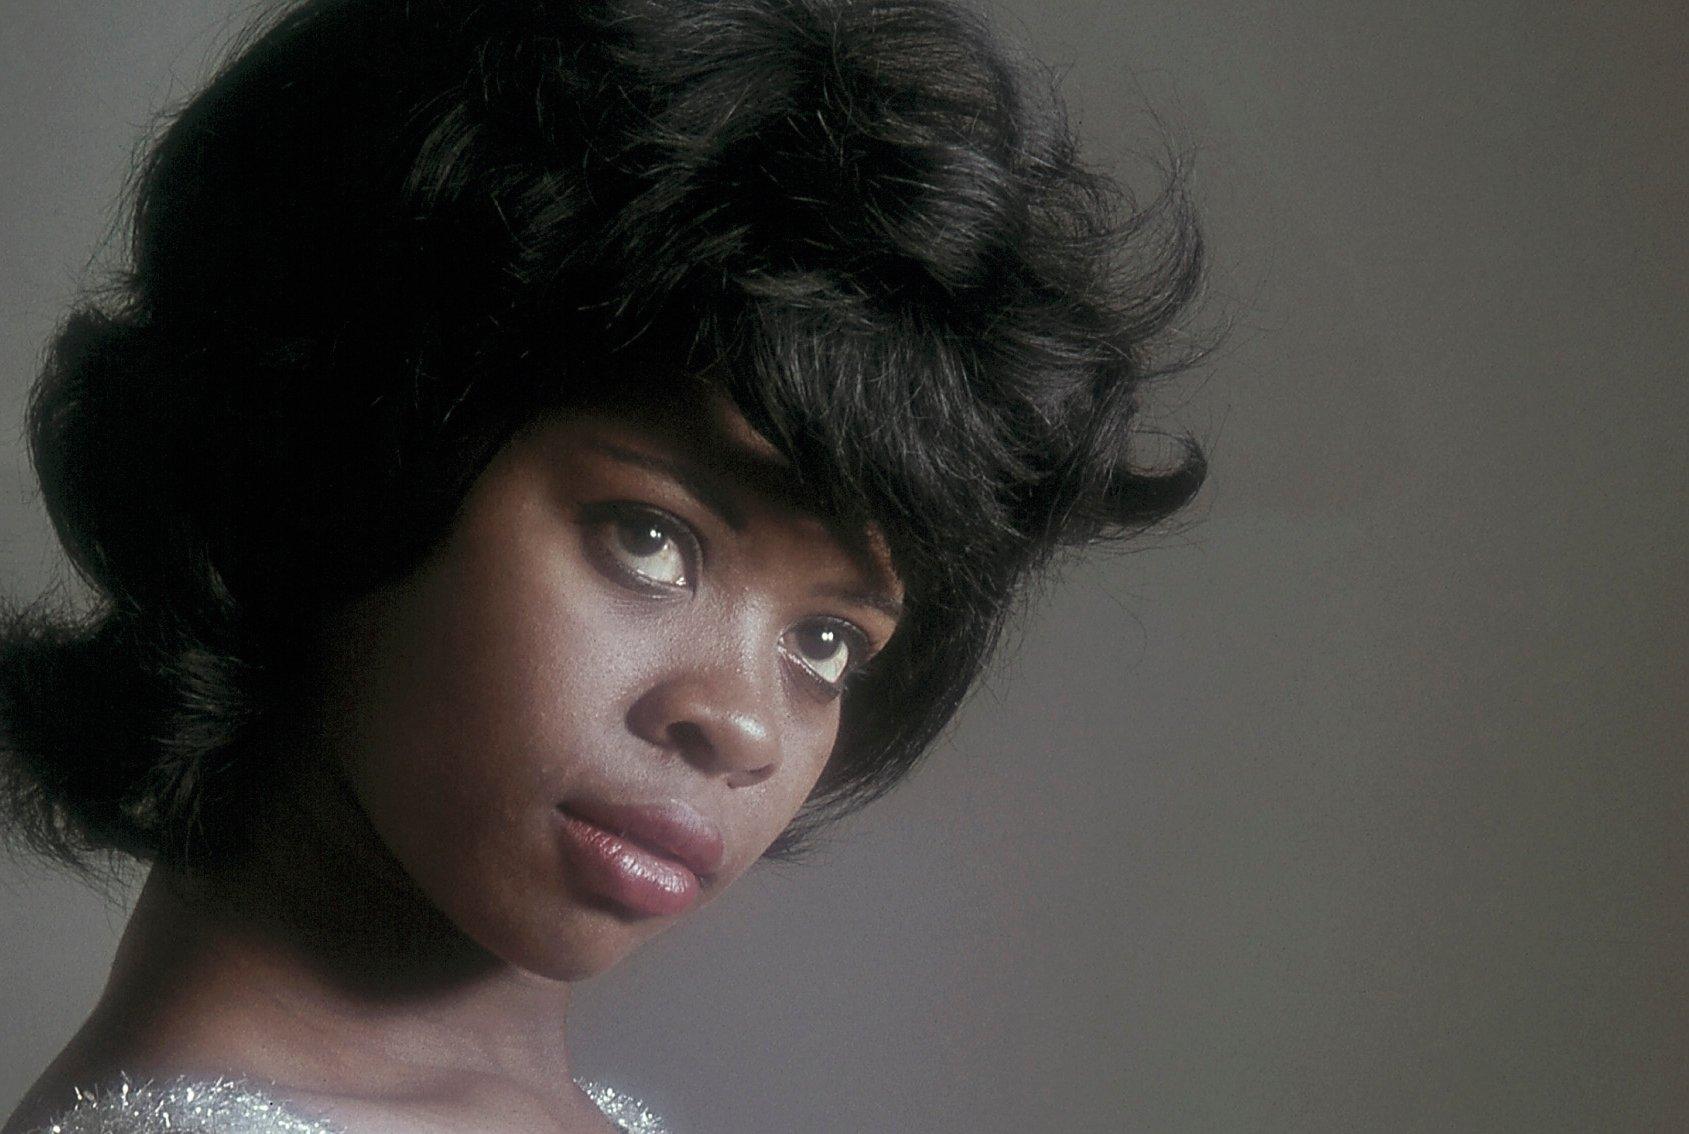 Una joven Irma Thomas, famosa gracias a las producciones de Allen Toussaint